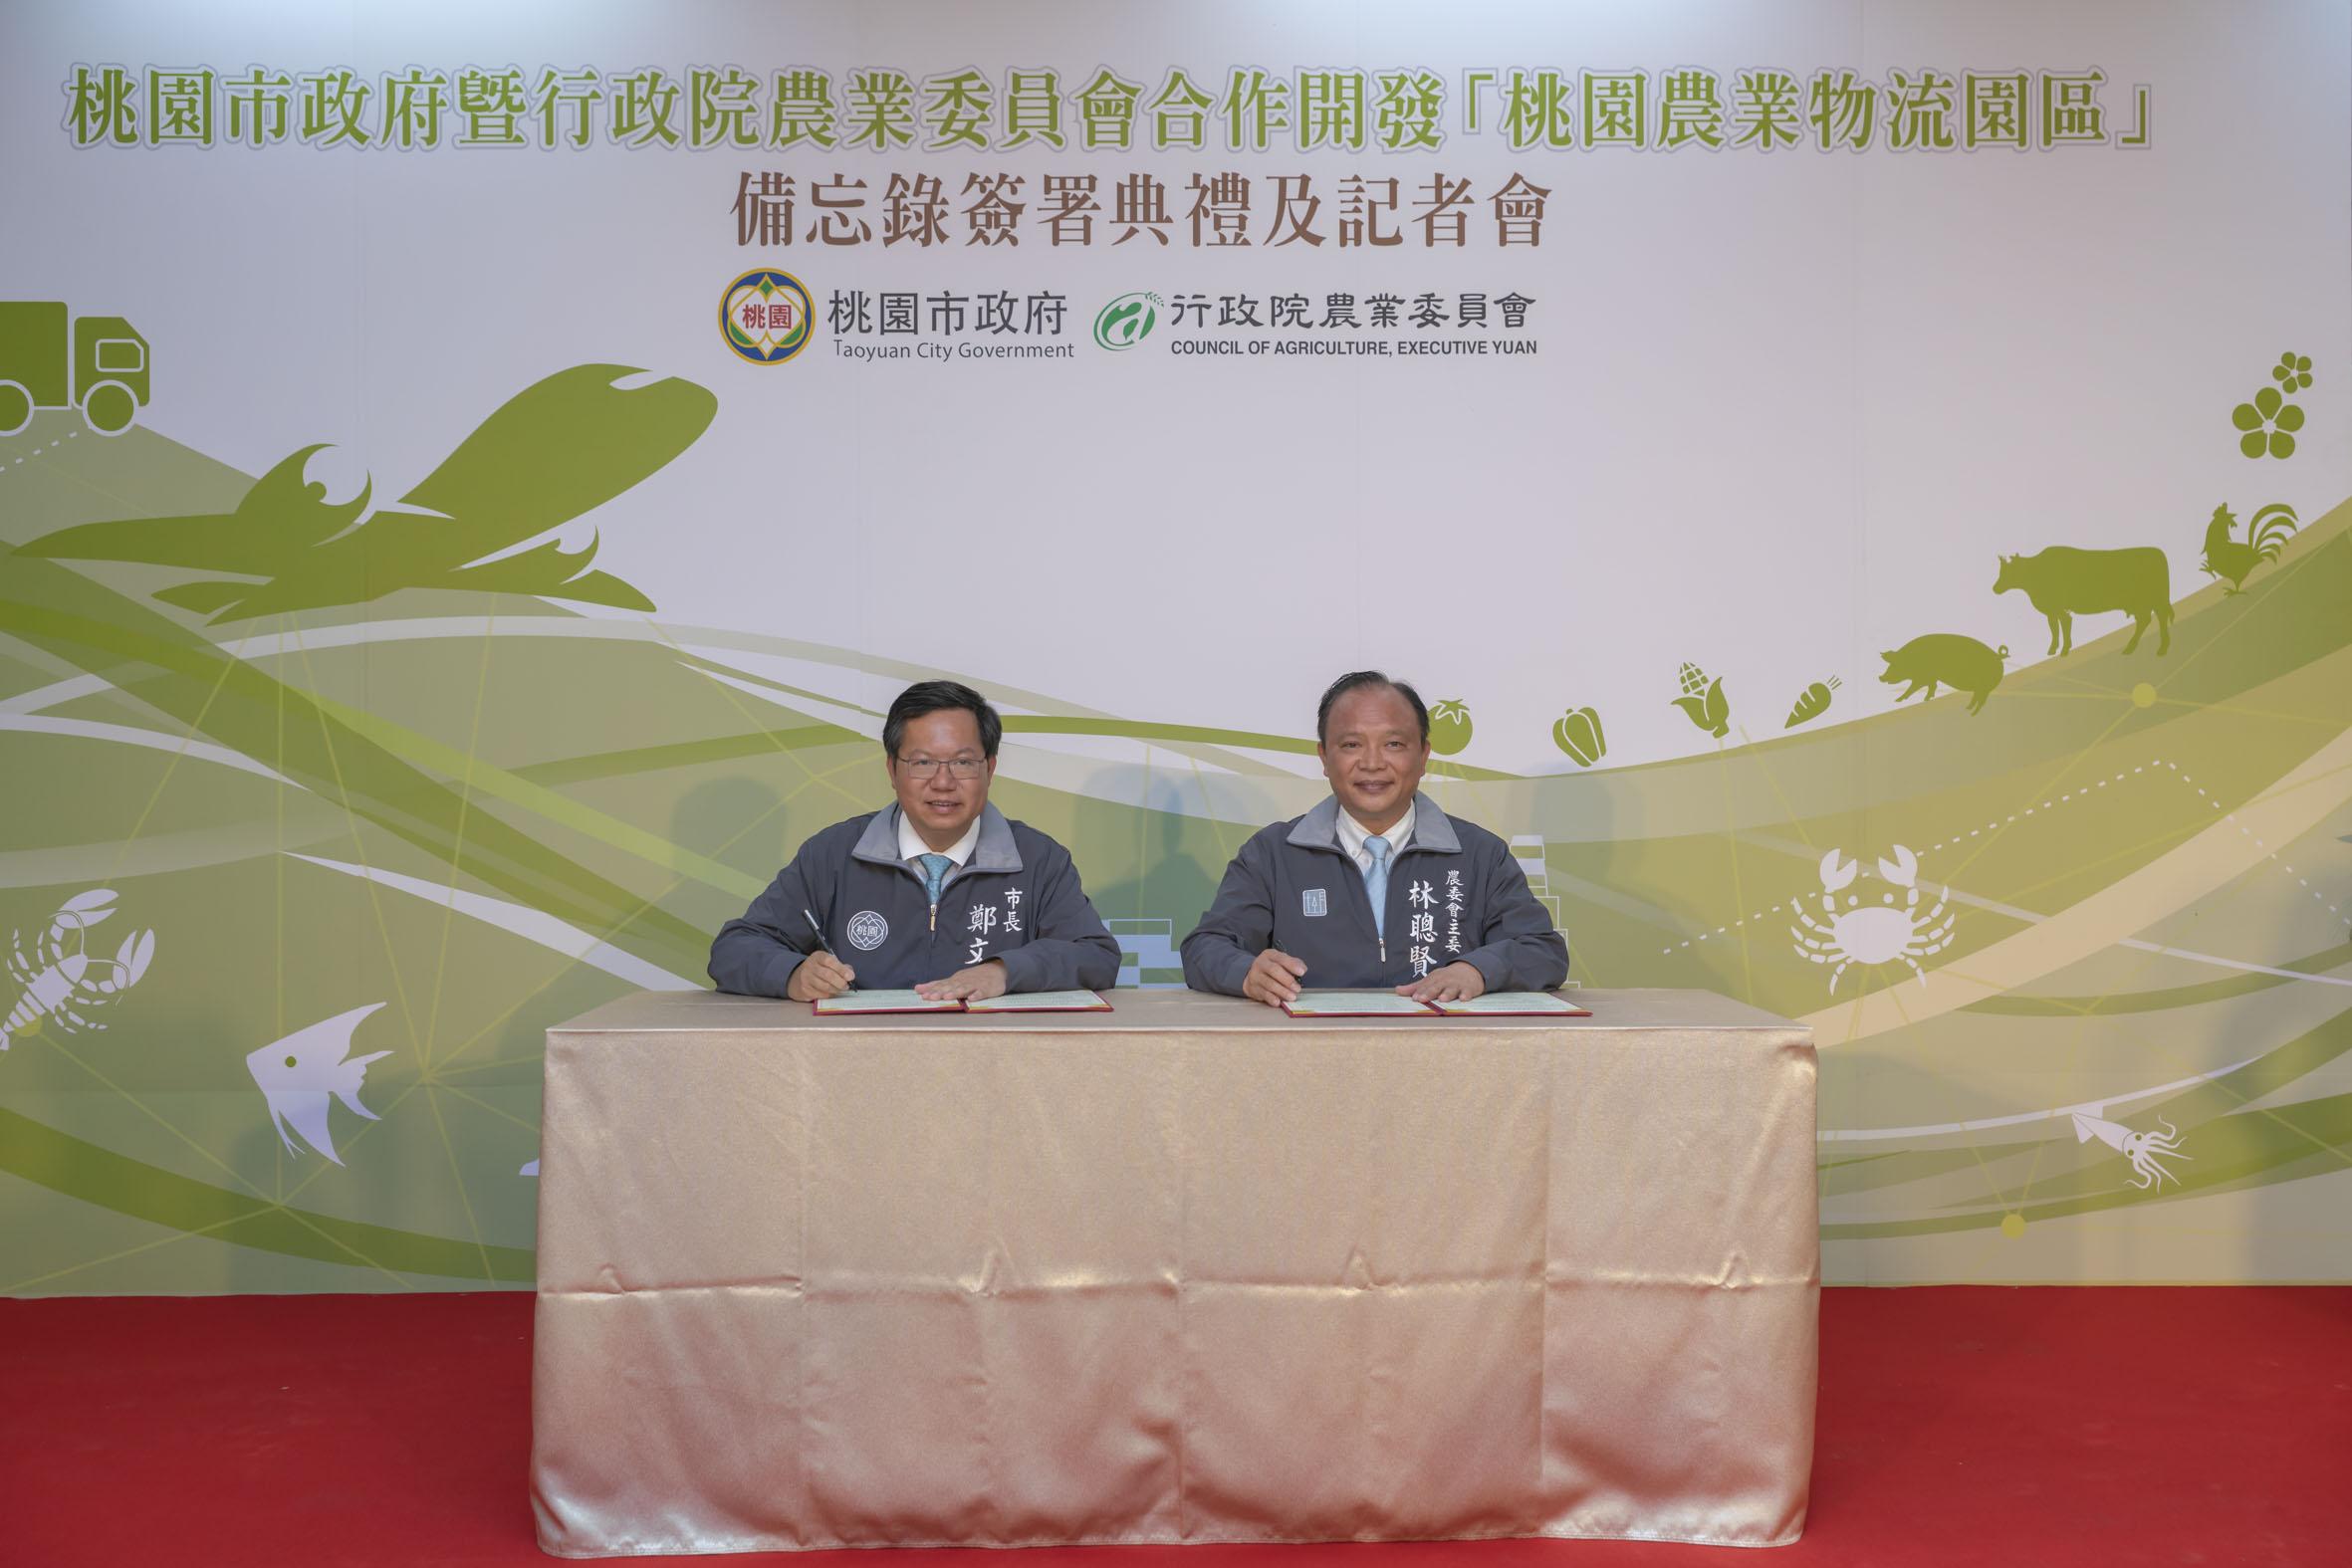 本府與行政院農業委員會簽署合作備忘錄1